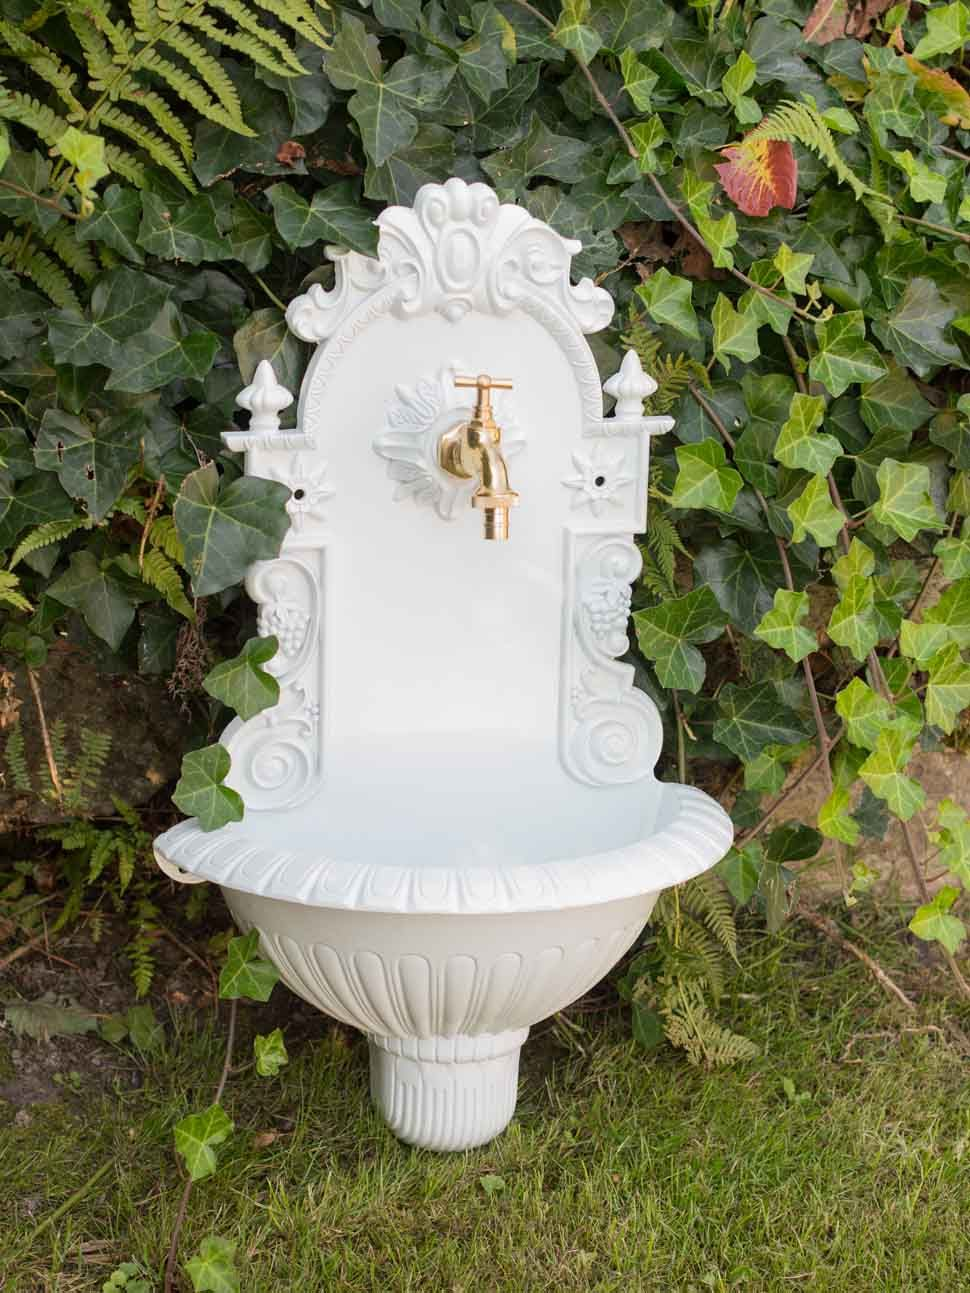 Waschbecken Brunnen Wandbrunnen 72,5cm Alu Garten im antik Stil weiss fountain